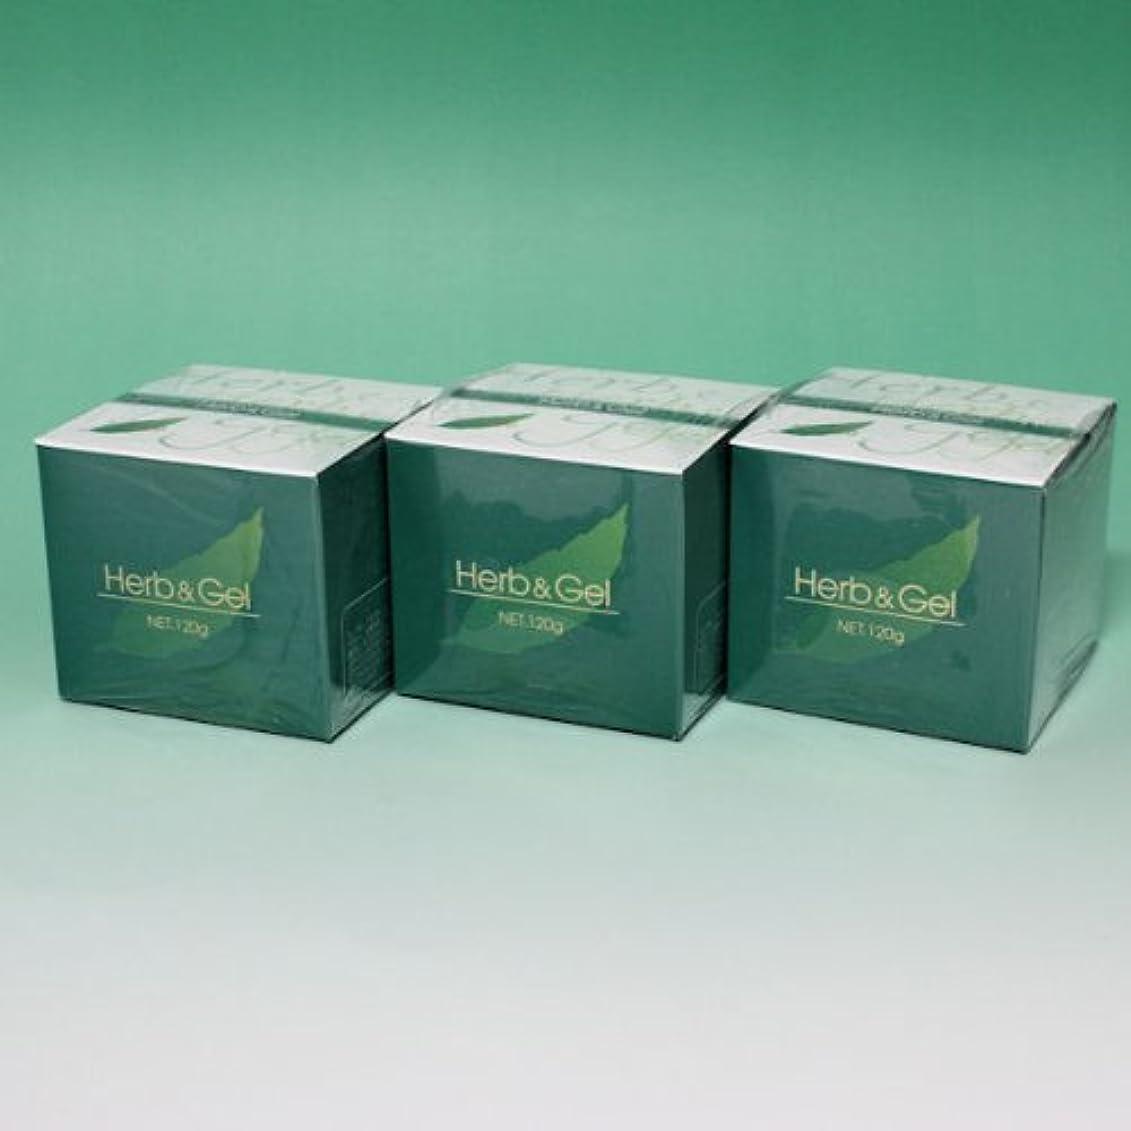 序文封筒根絶するハーブアンドゲル 天然ハーブエキス配合 120g×3瓶セット (4580109490026)